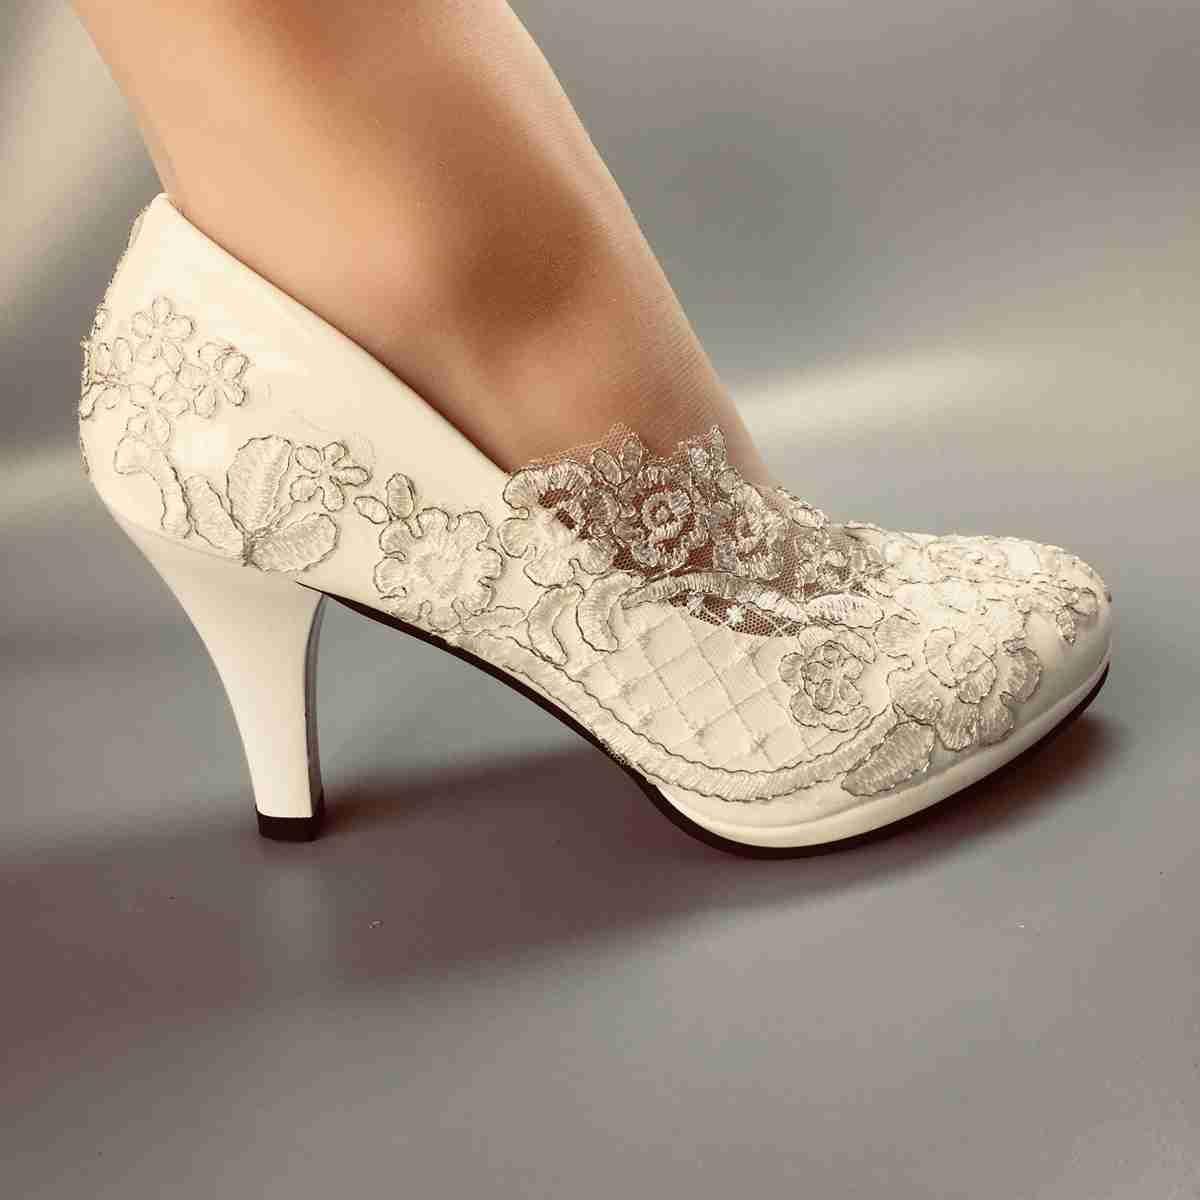 e3e60552fa3 Acheter Chaussures De Mariage Pour Femmes Robes De Mariée En Dentelle  Blanche Imperméable HEEL Diamant Dentelle Manuel Mariage Mariage Chaussures  De Talon ...